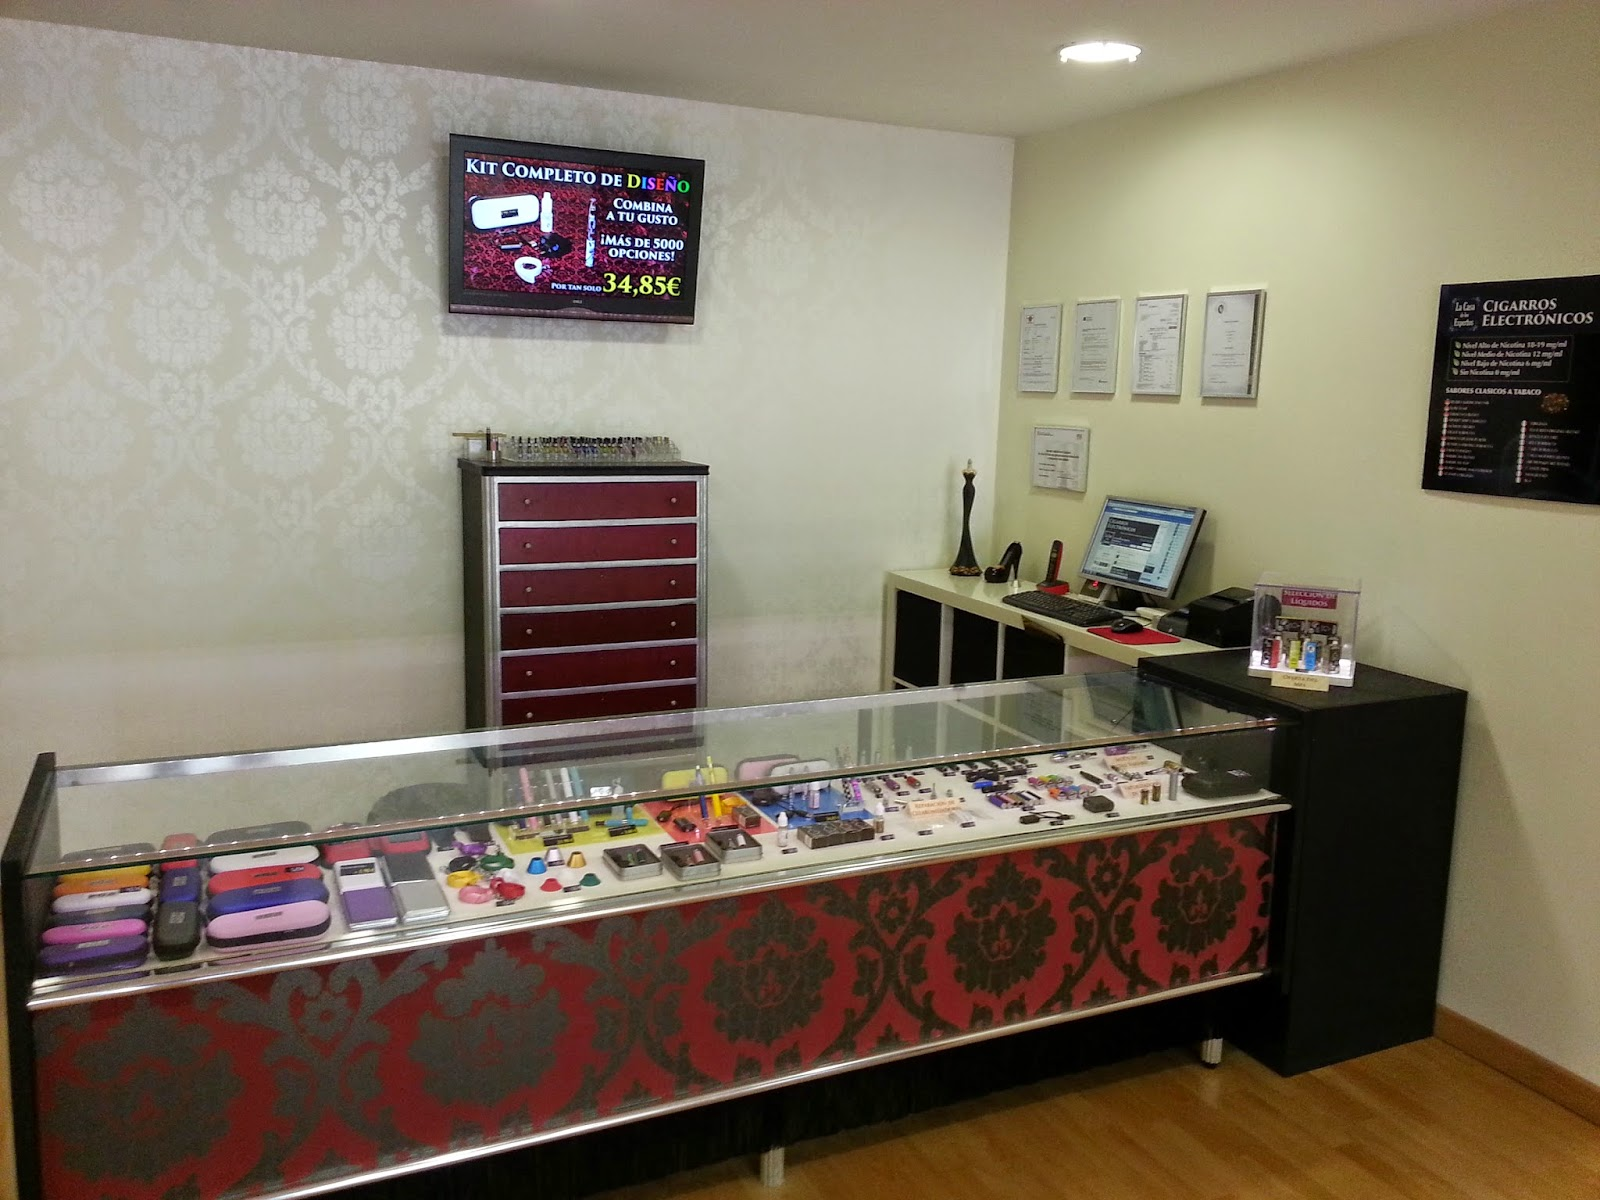 Tienda cigarros electrónicos de Mataró mostrador